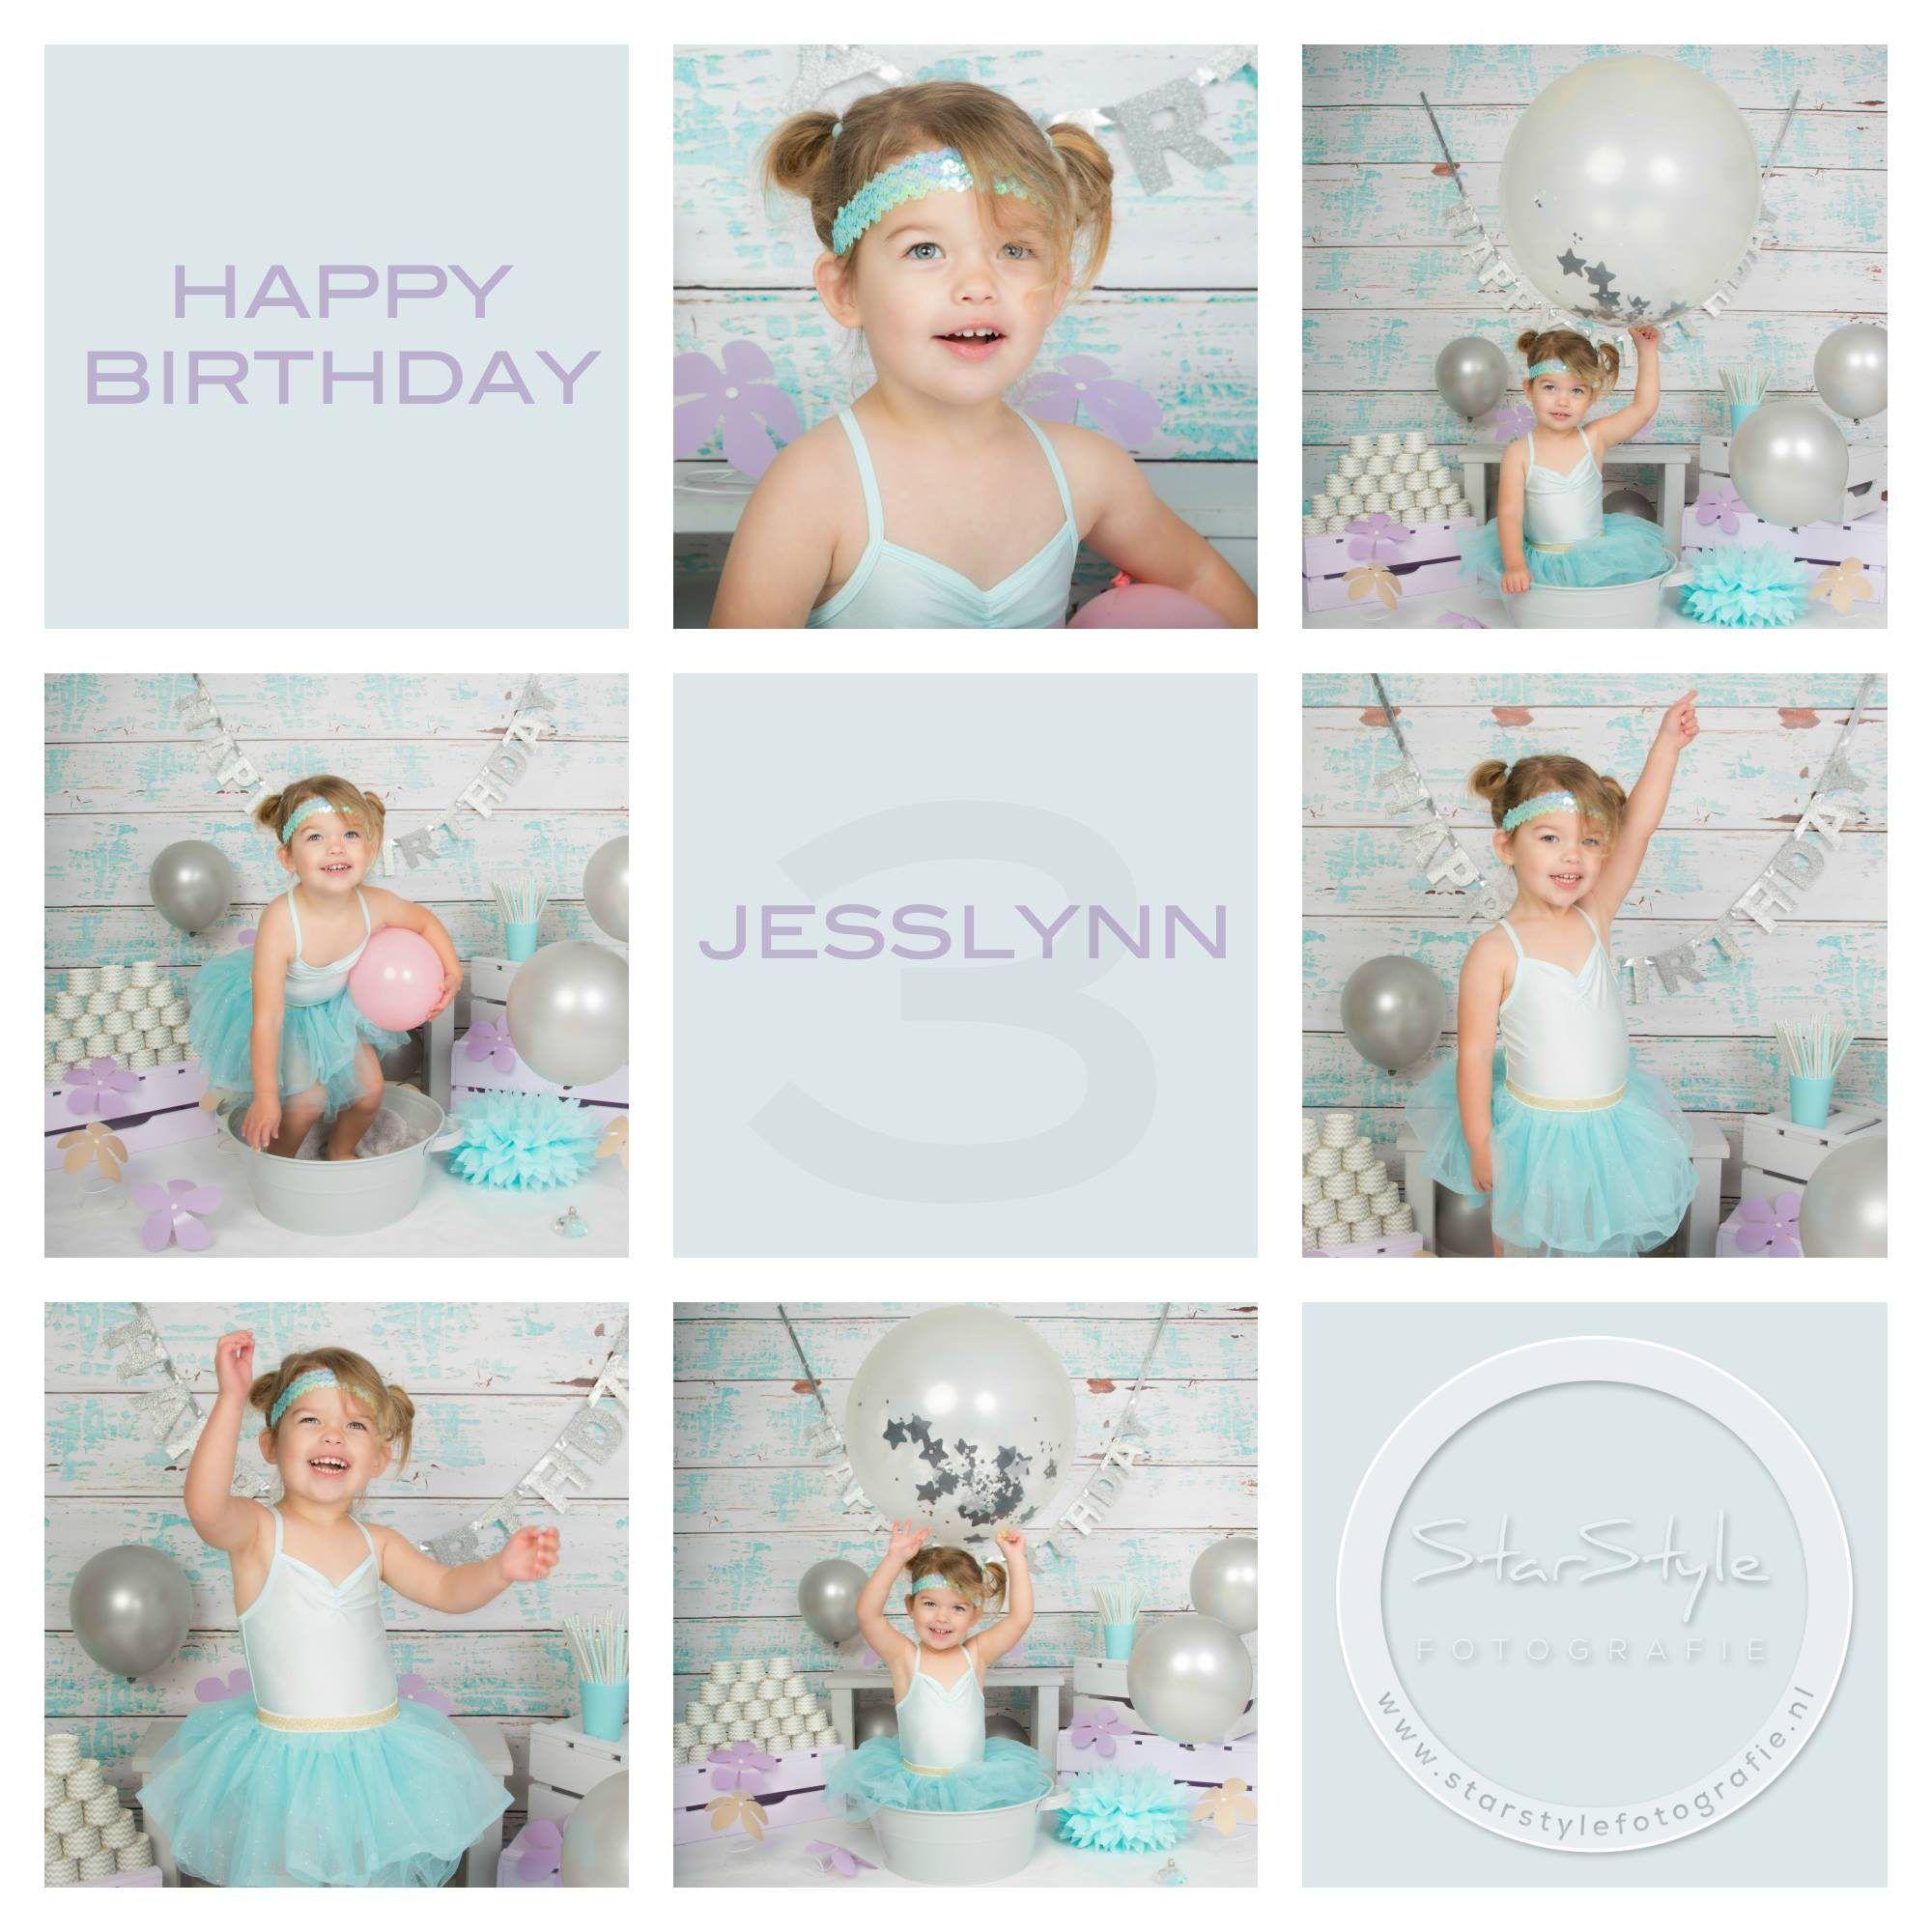 Verrassend uitnodiging verjaardag 1 jaar tekst (met afbeeldingen OF-68